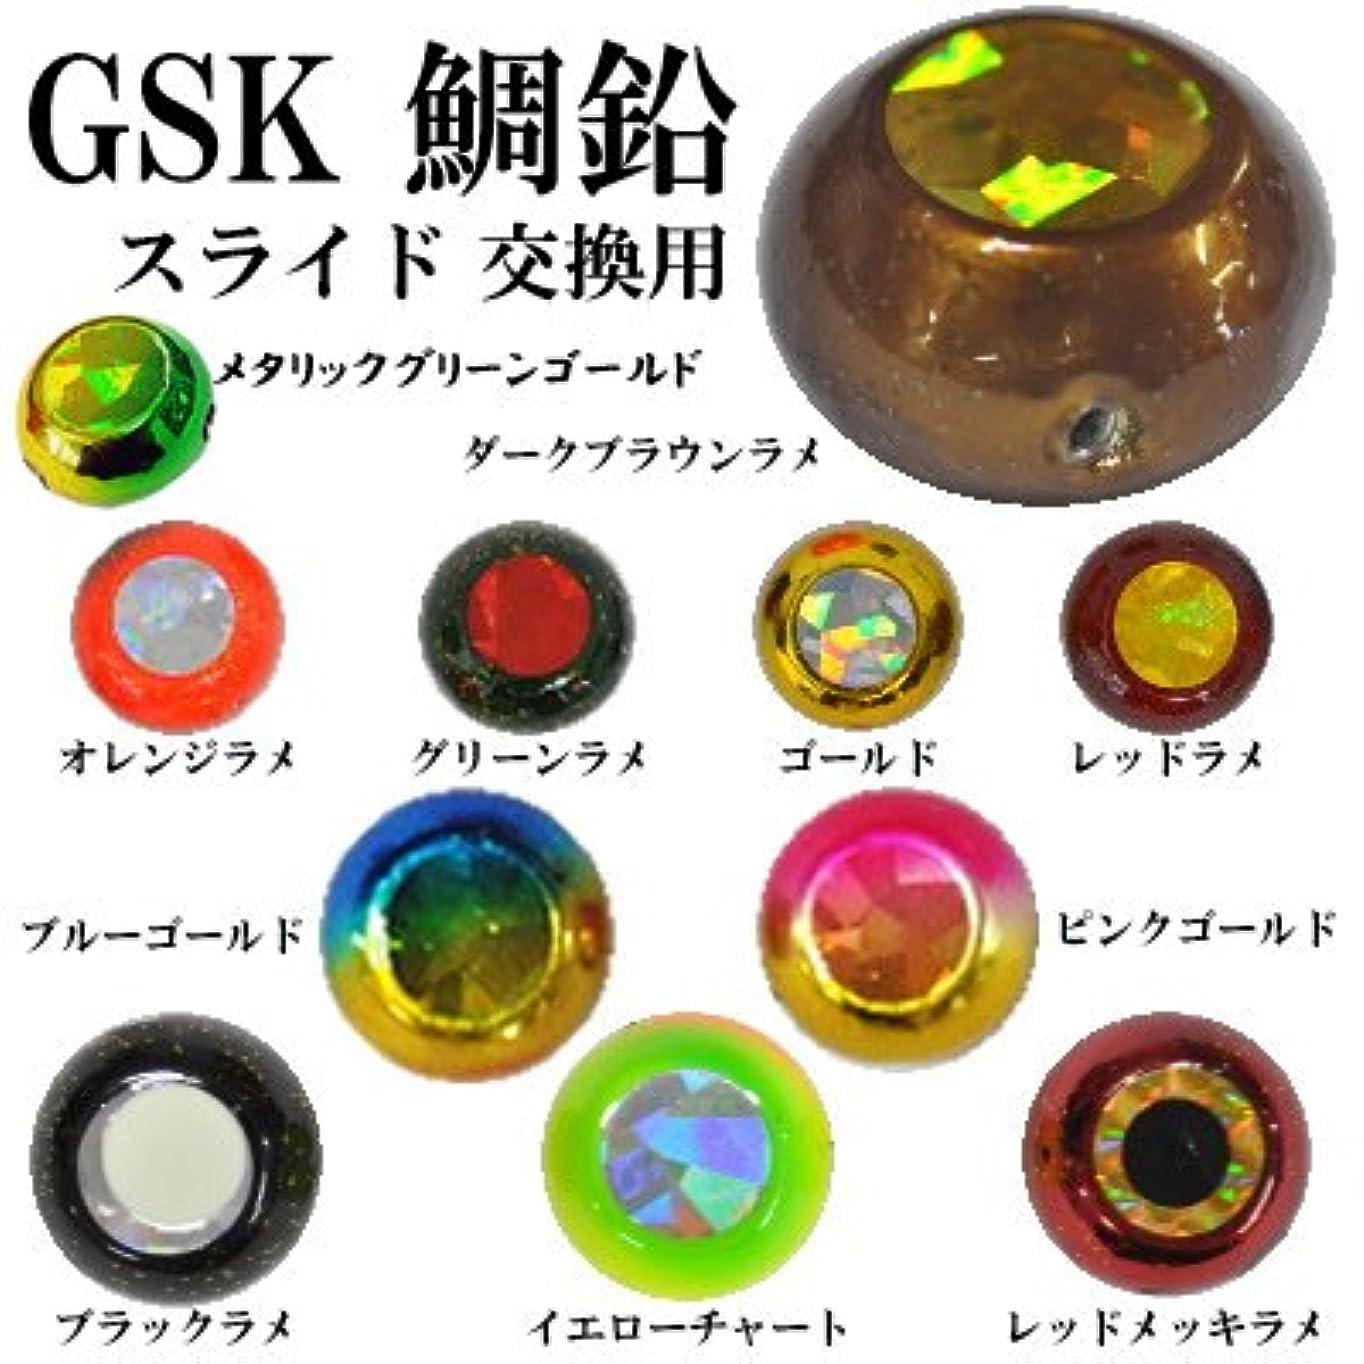 破壊的ボトルモンキーお買得品 GSKスライド 交換用 鯛鉛 200g (鯛ラバ タイラバ ヘッド) イエローチャート